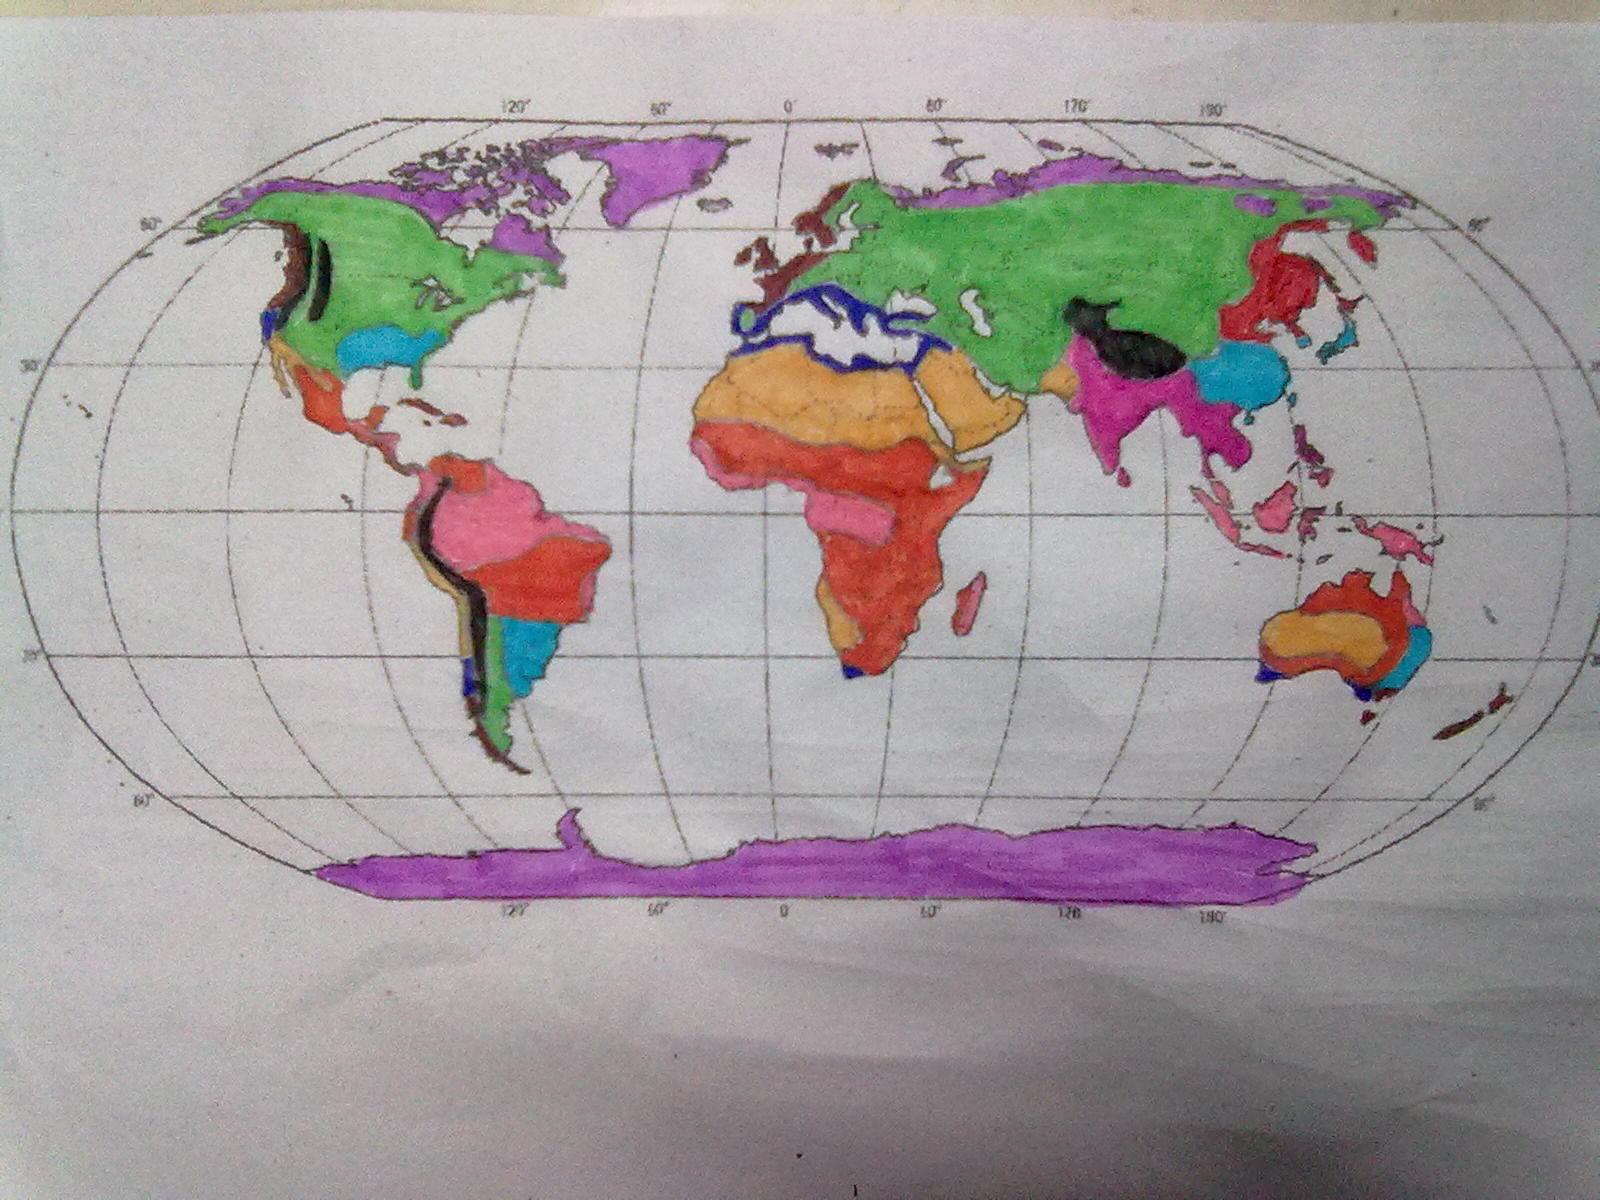 画地球的图画-南极洲比尔德观测站角气候图   高清世界地图星空图海洋图[16